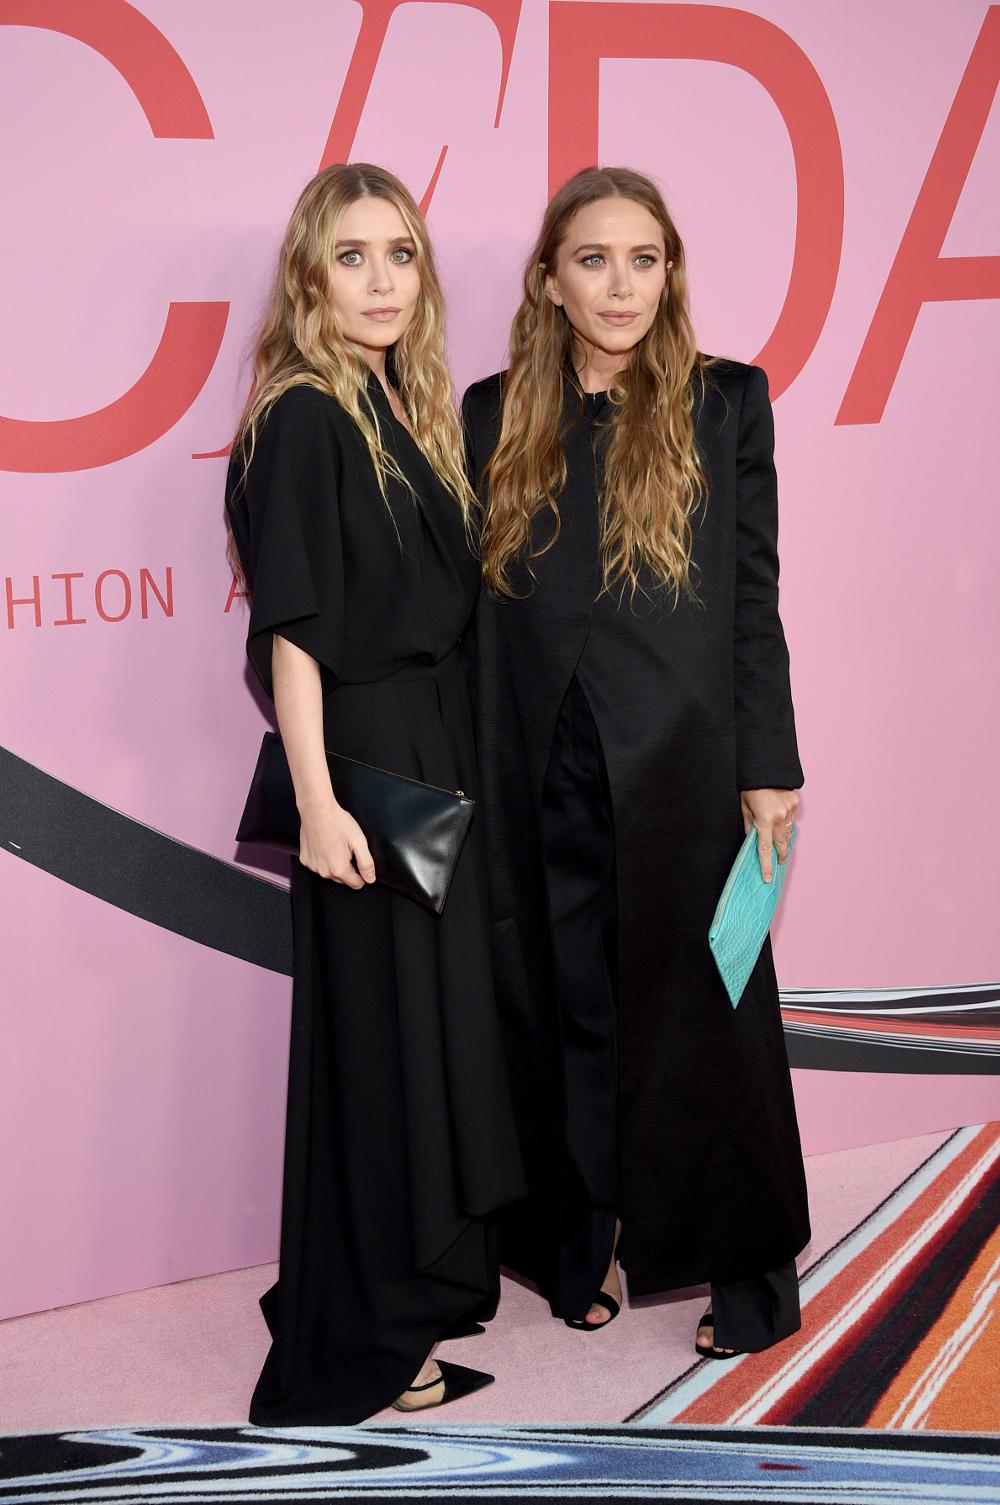 Οι δίδυμες αδερφές Όλσεν με τα κατάμαυρα ρούχα τους